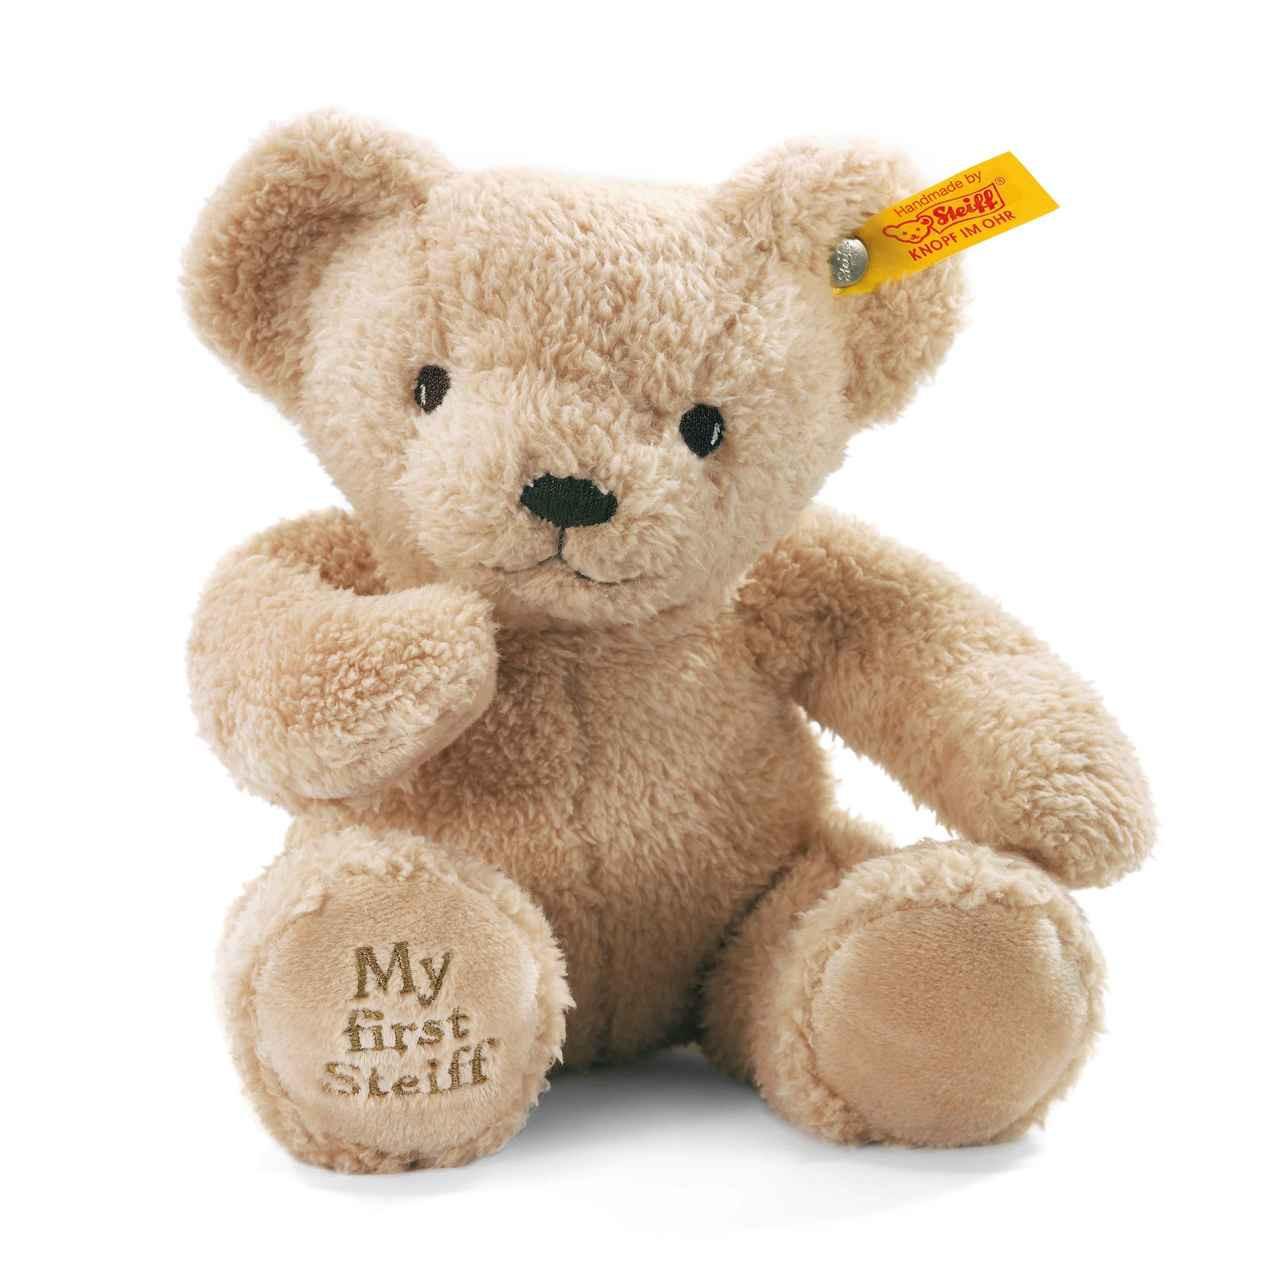 48e72c10cf1 My First Steiff Teddy Bear